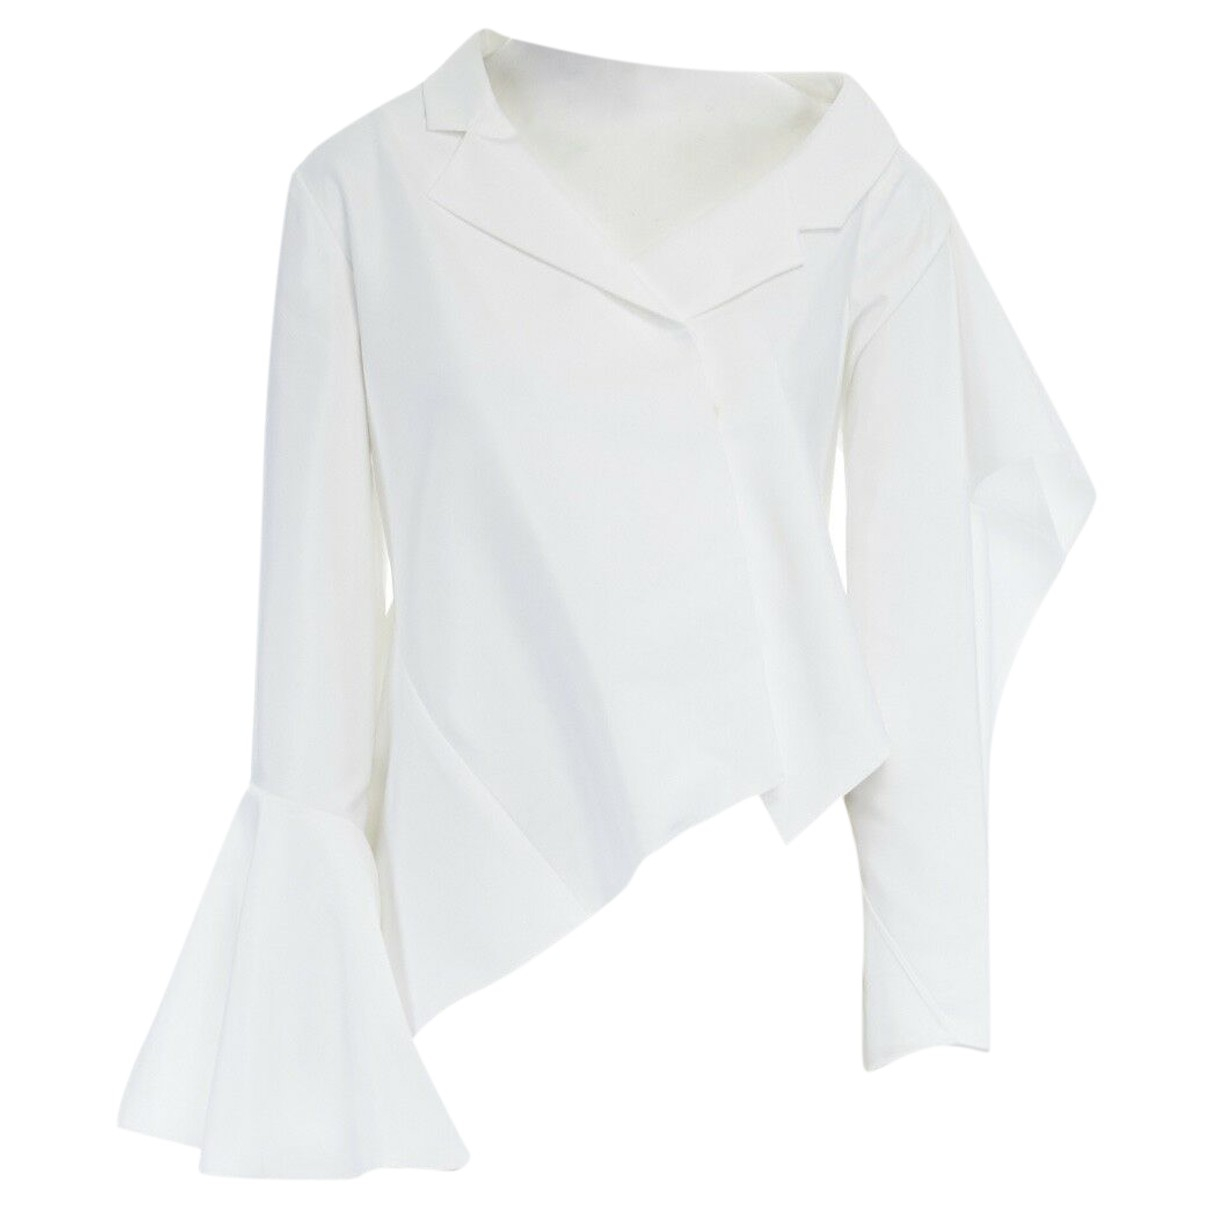 Adeam - Top   pour femme en coton - blanc